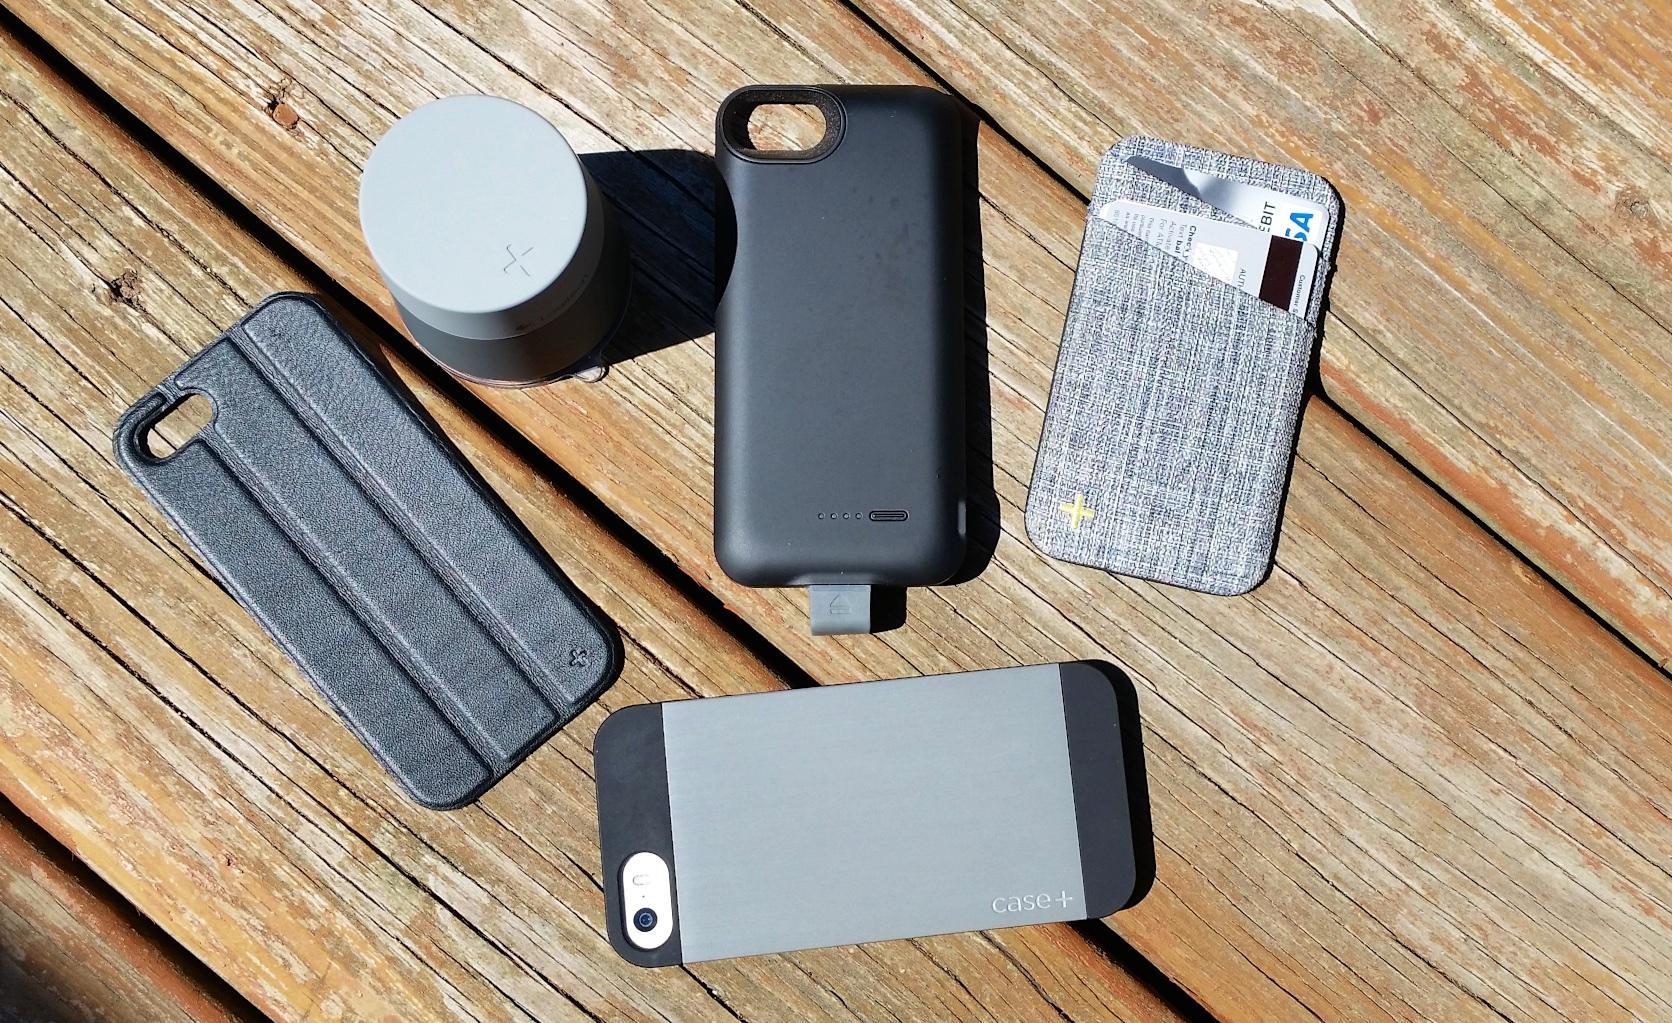 Чехол для iPhone 5S или iPhone 5 с аккумулятором, кошельком и подставками